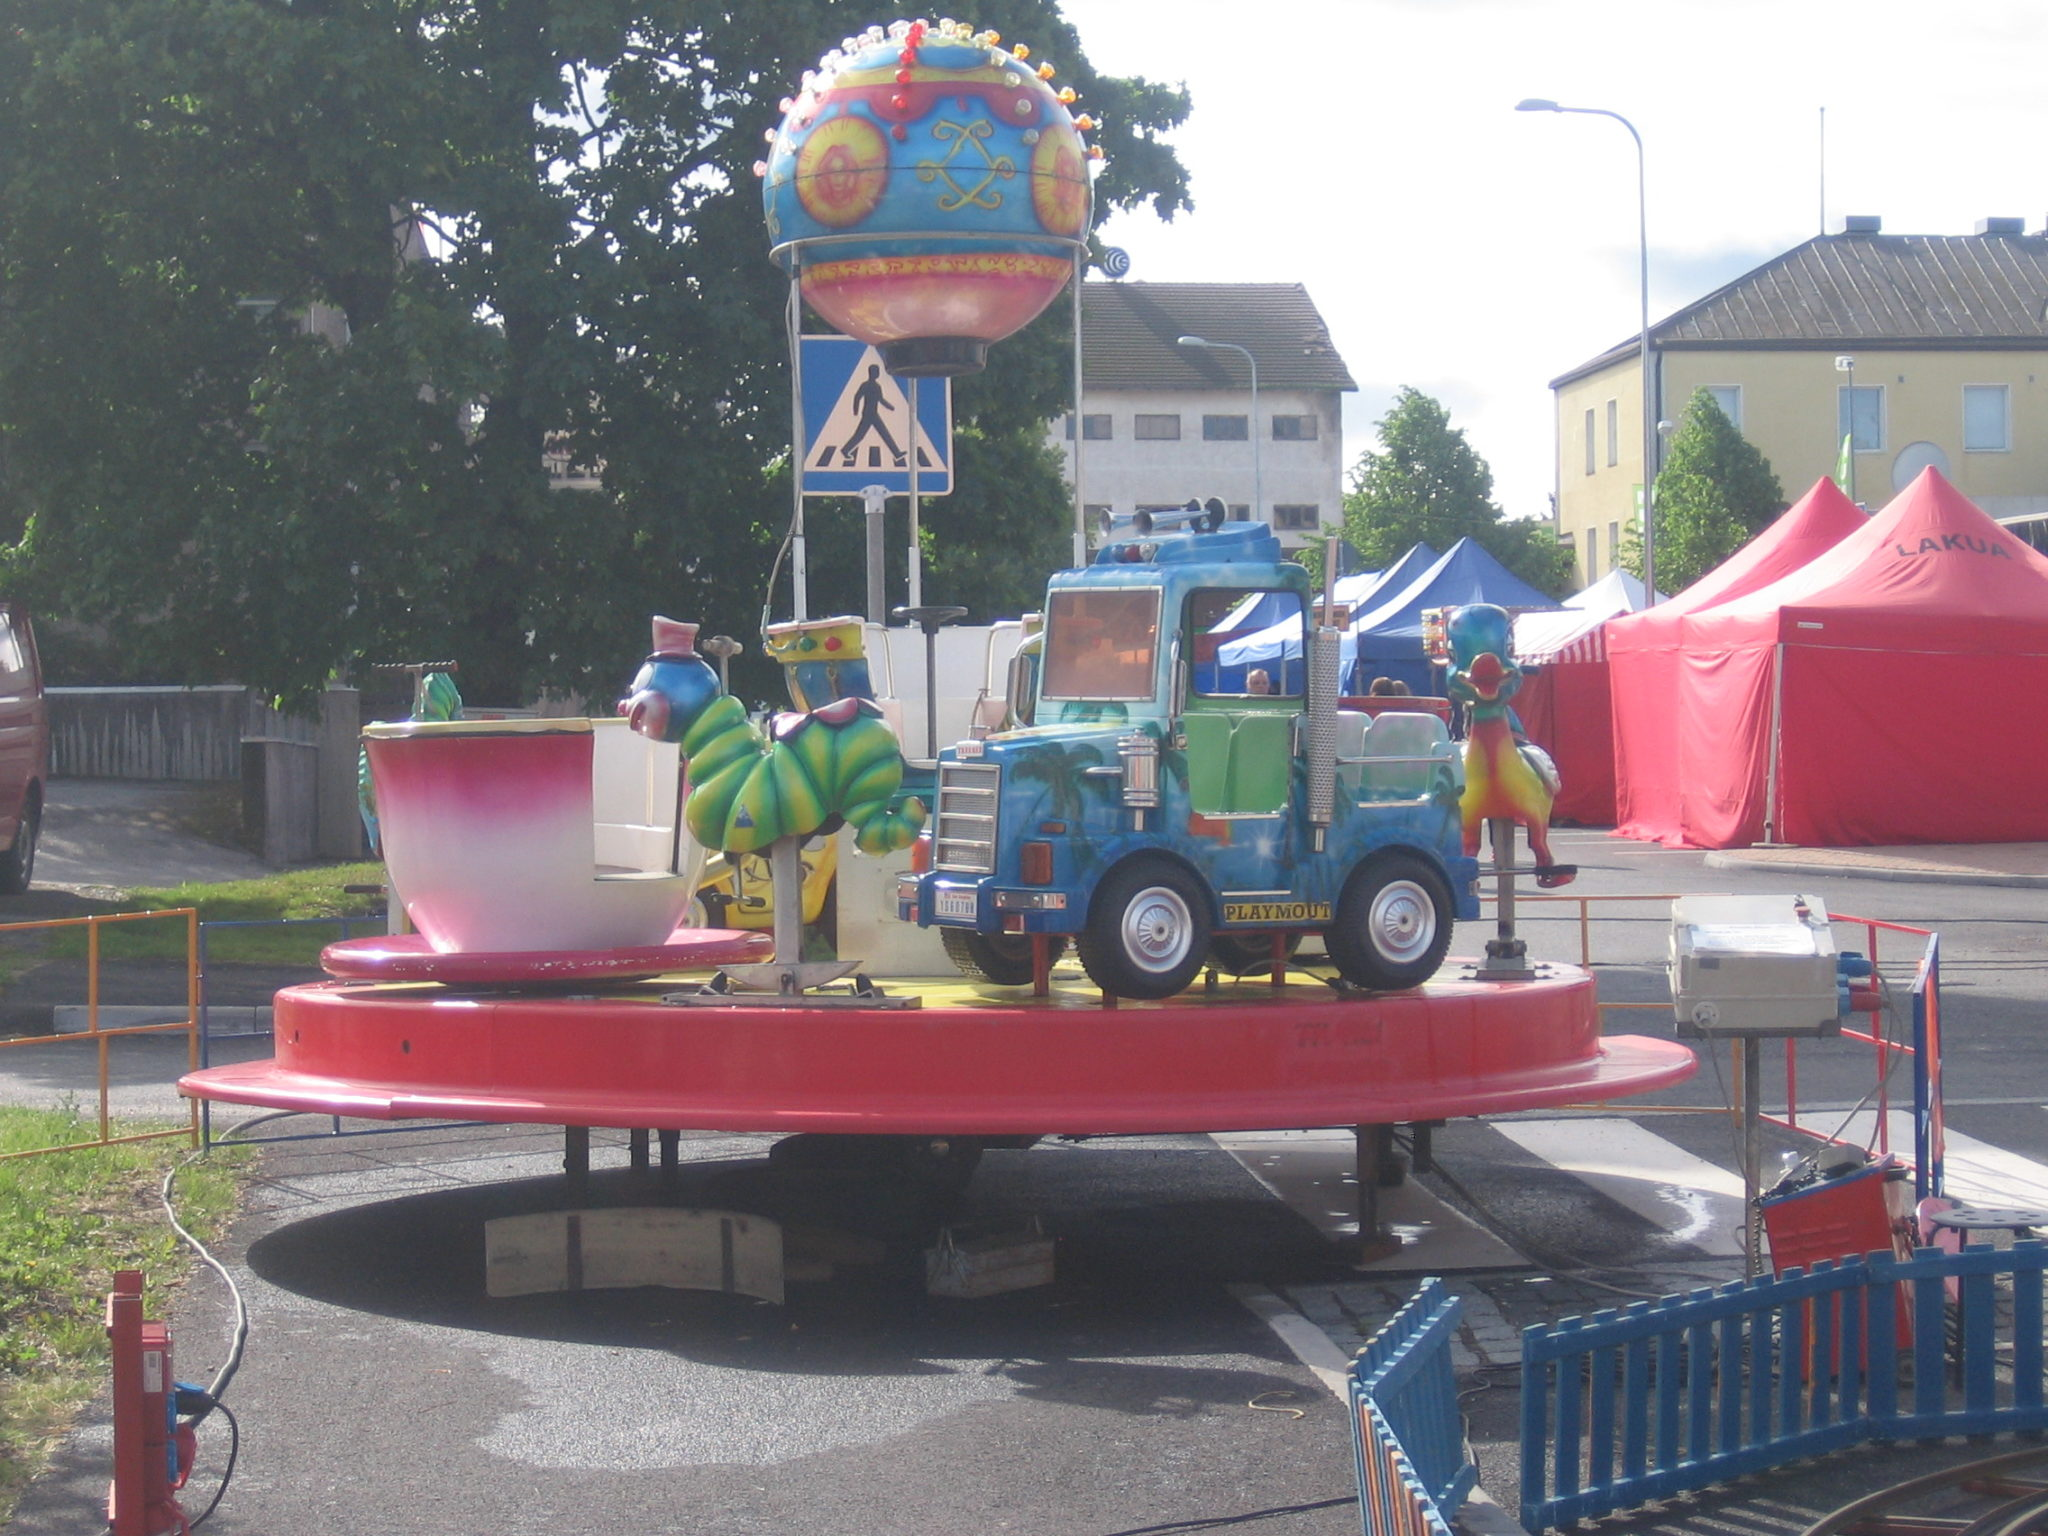 Autokaruselli, karuselliiin mahtuu kerralla n 22 lasta. Karusellissa Tivolitunnelmaan sopiva musiikkki. Tämä laite on lasten iki suosikki.